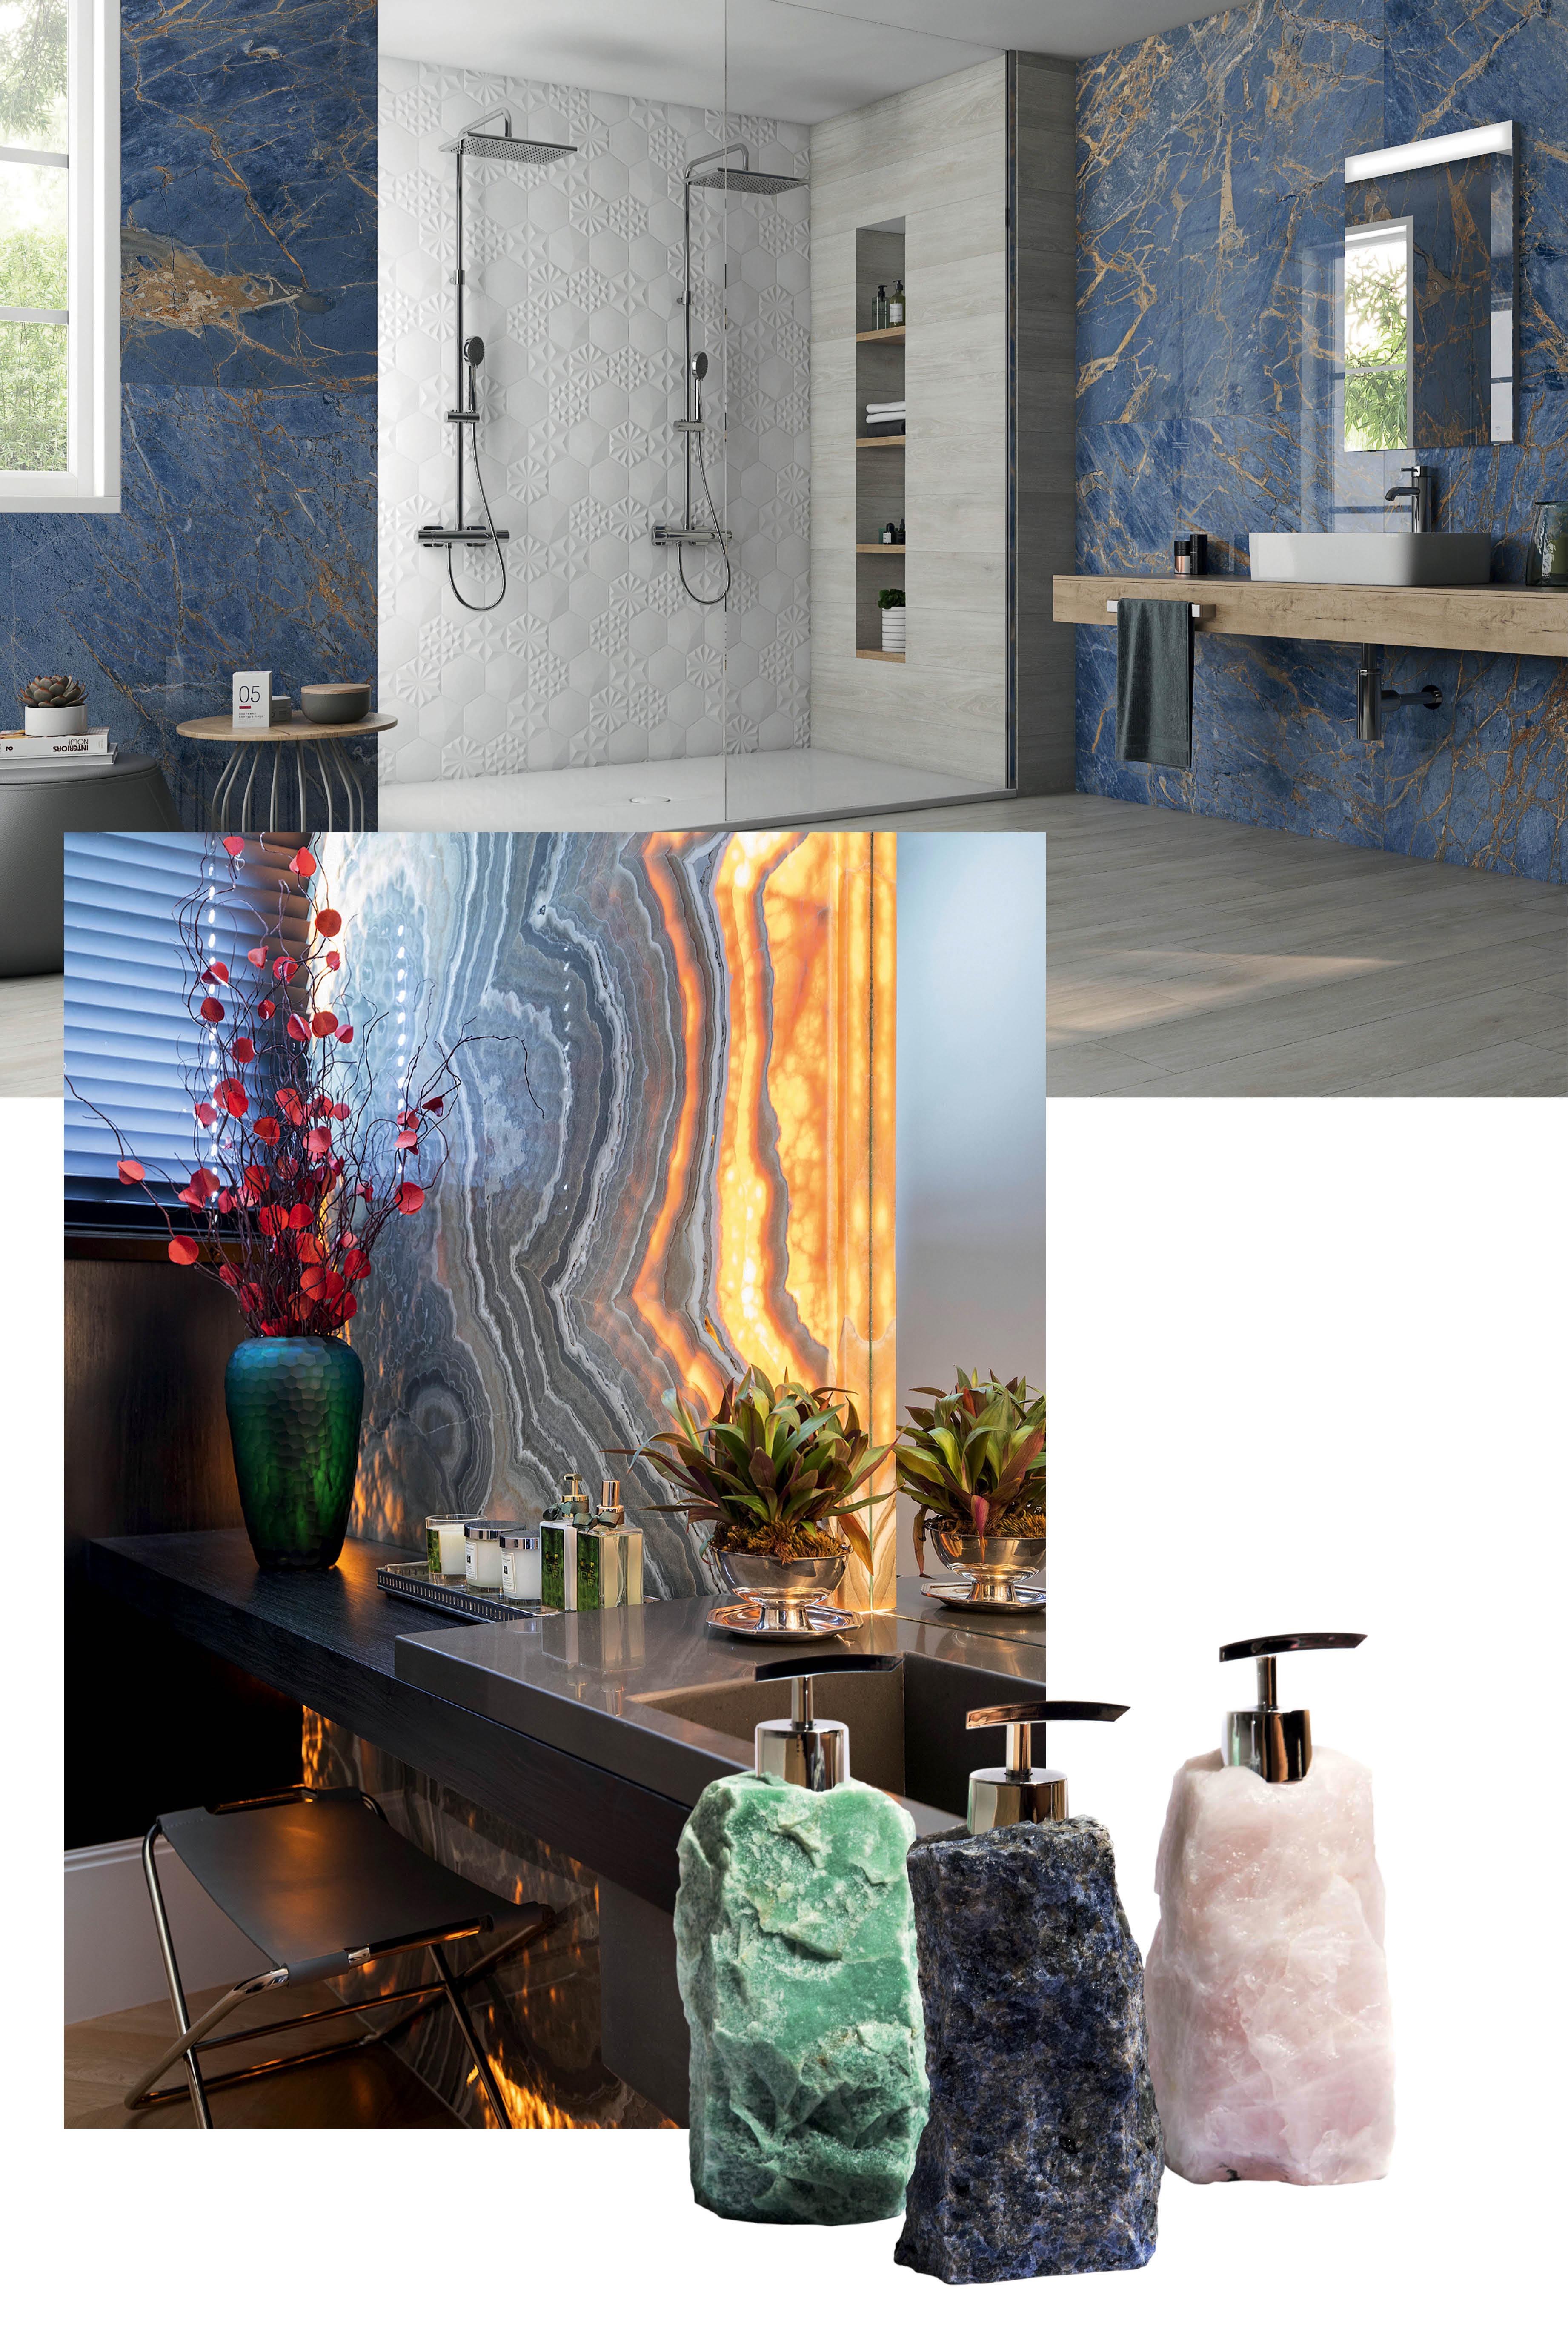 Objetos de decoração em pedra, cristal e mármore